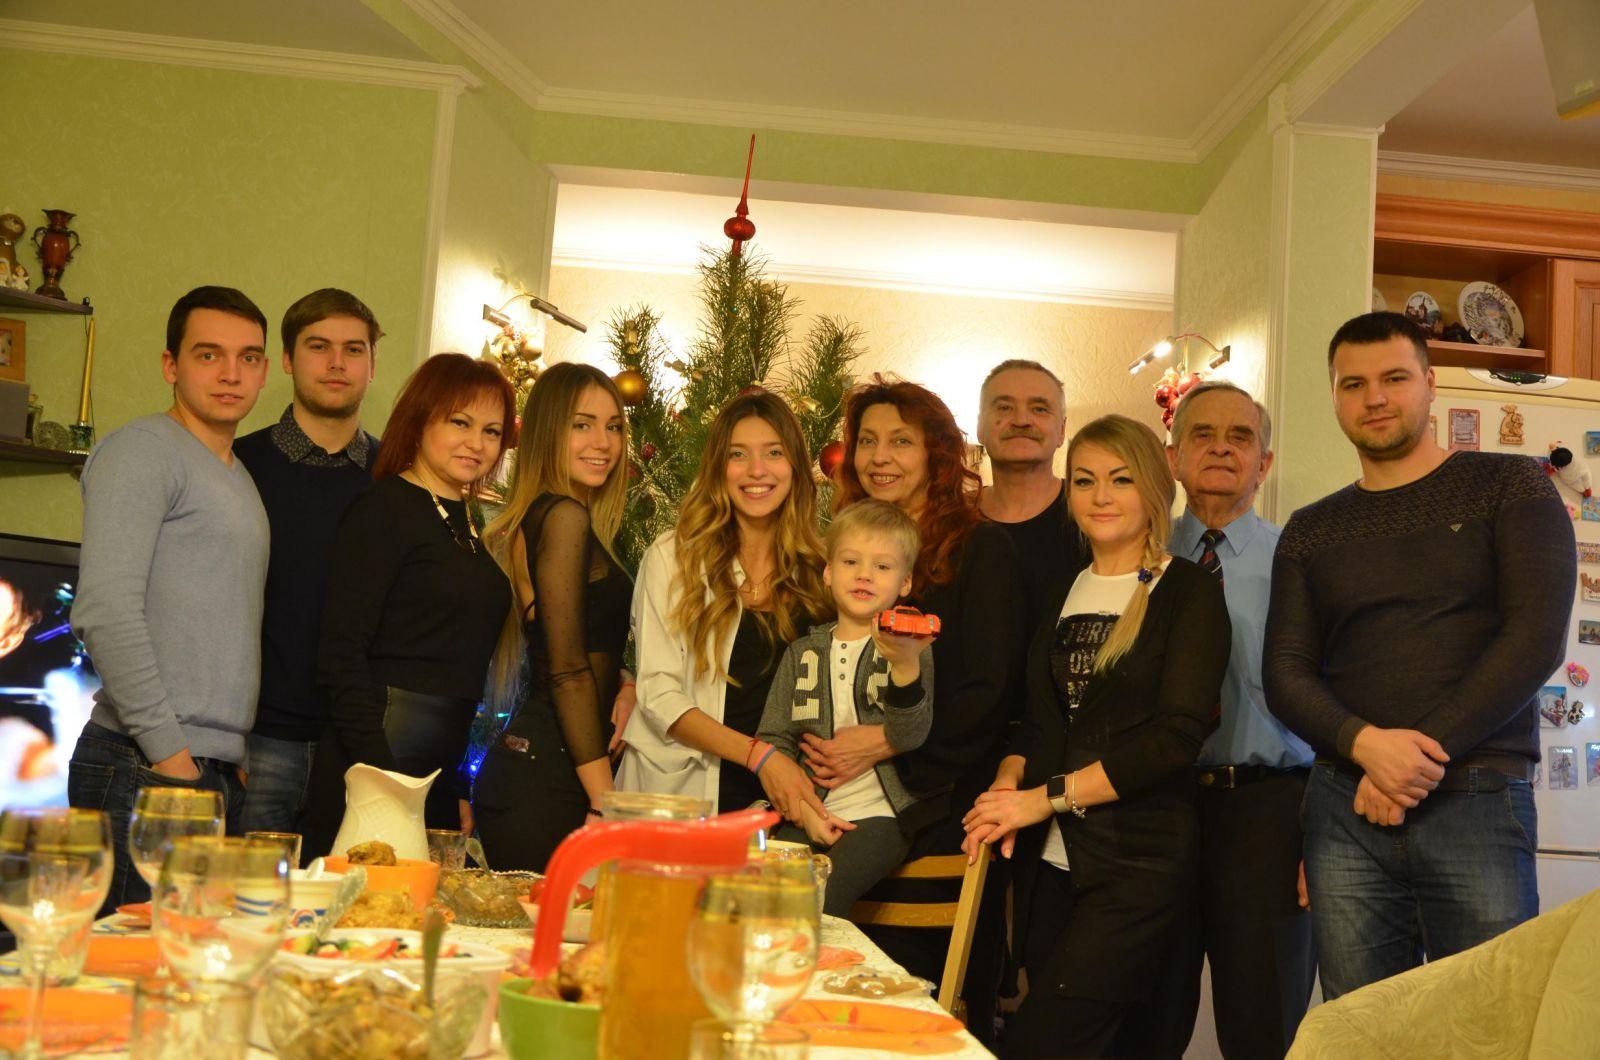 Регина Тодоренко впервые за 8 лет отпраздновала Рождество с семьей